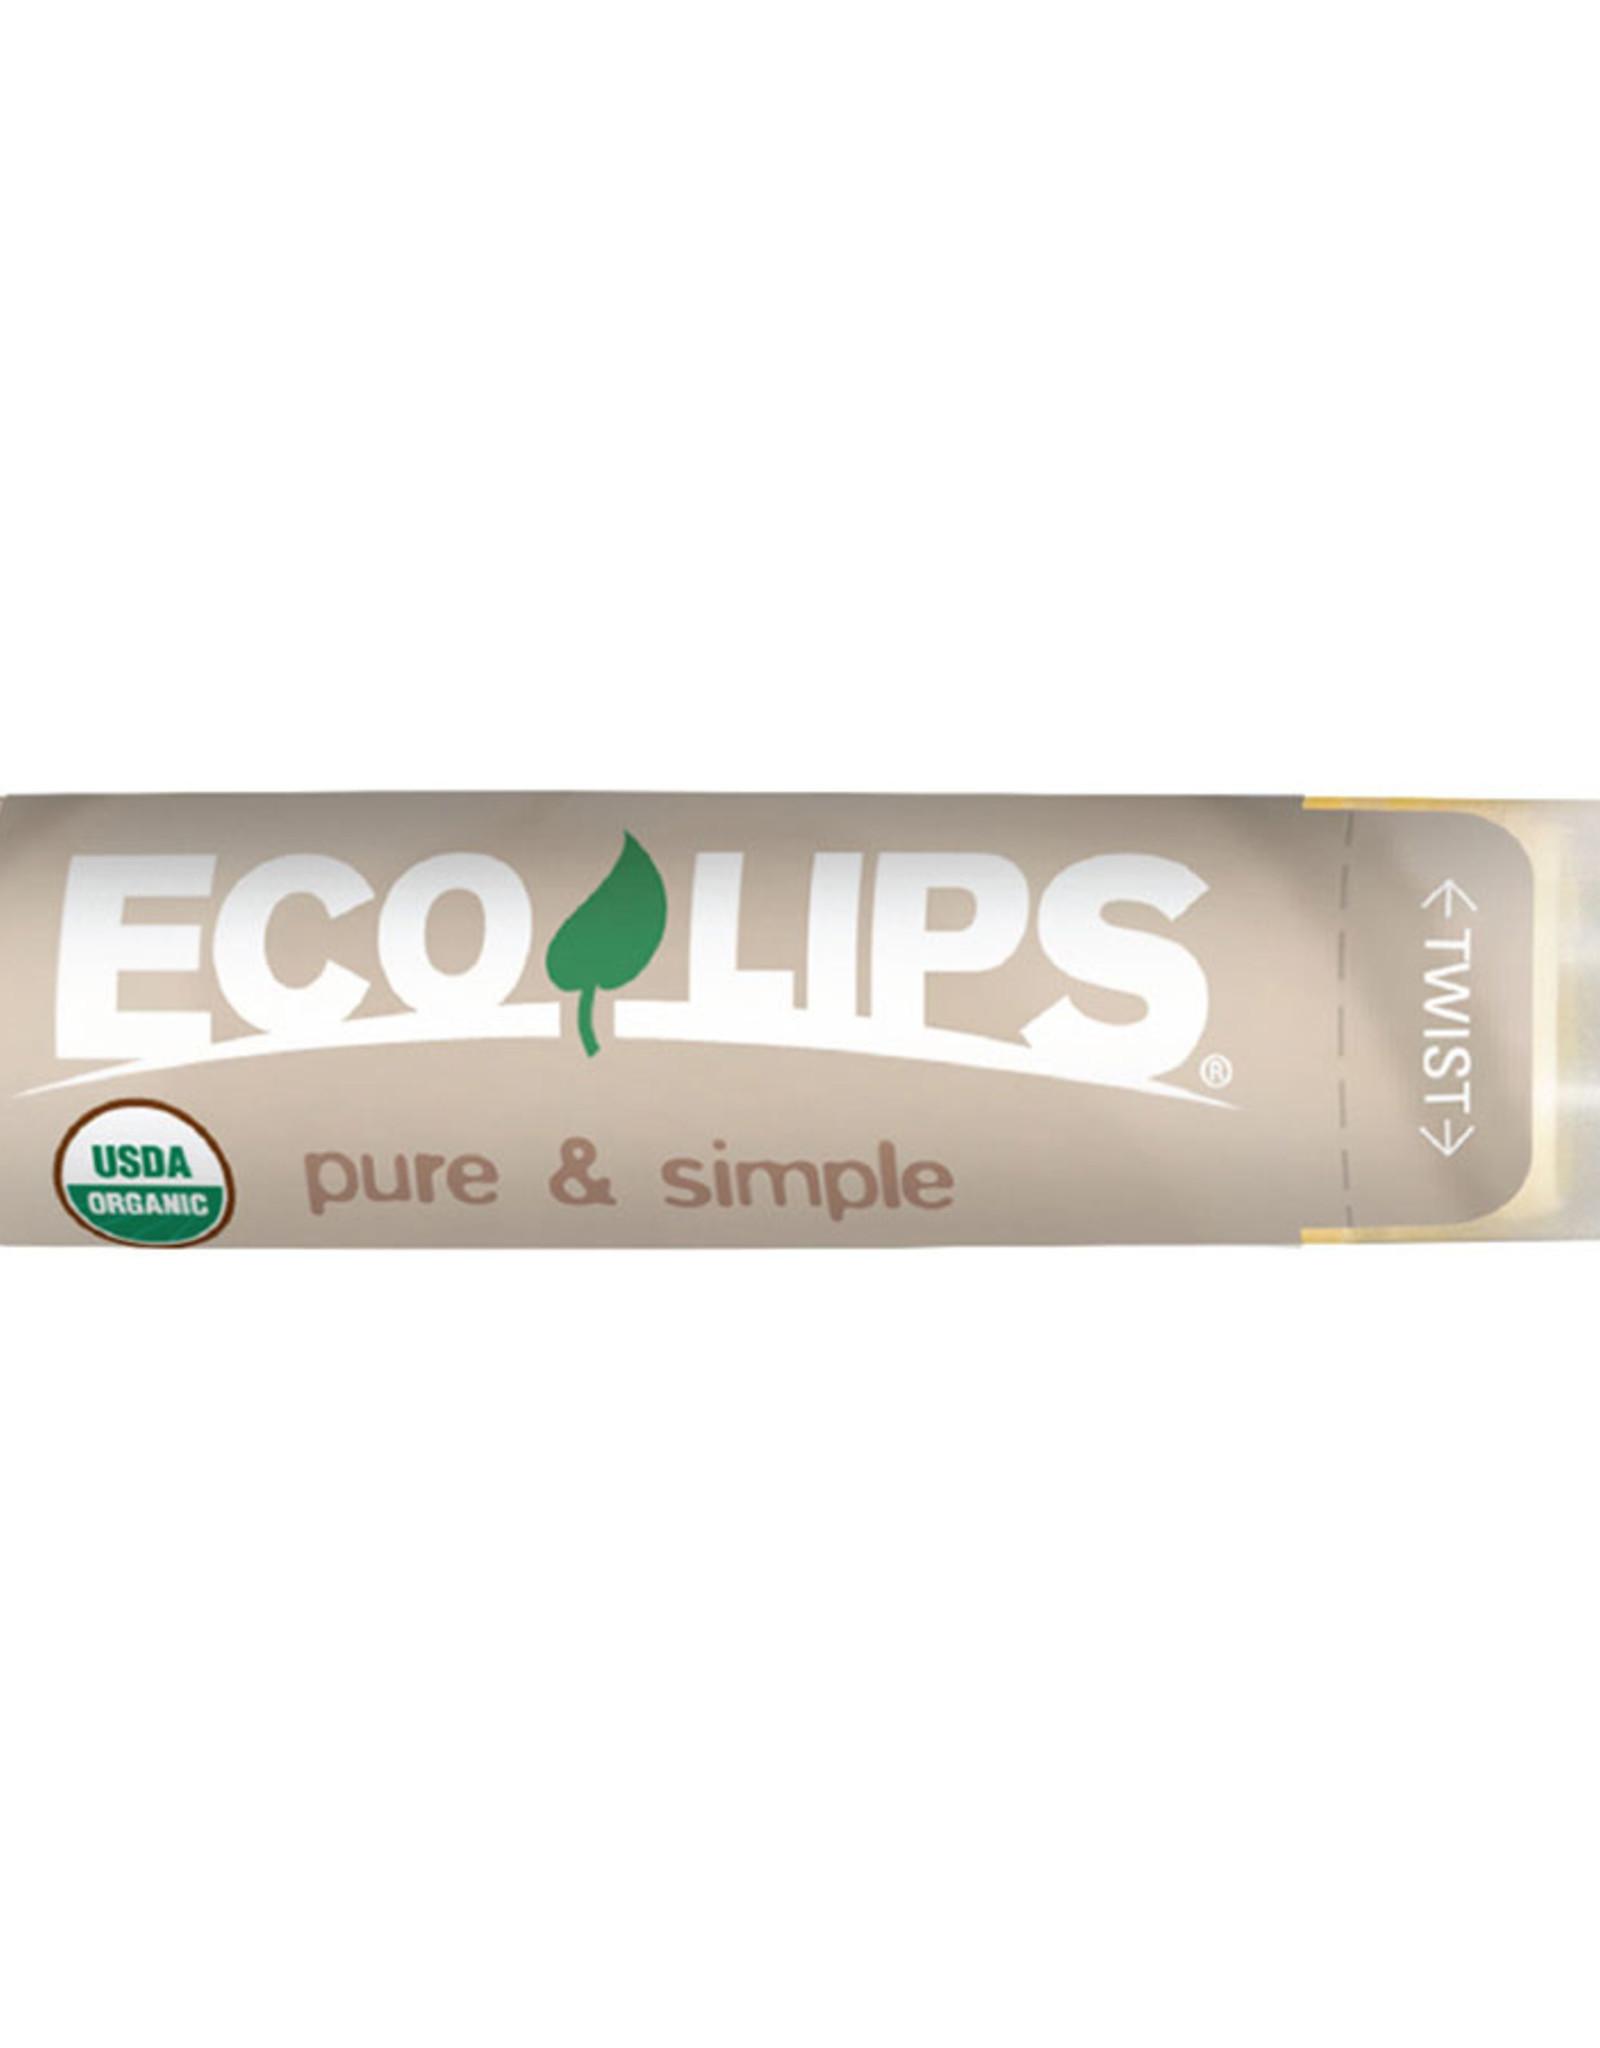 EcoLips Coconut Pure & Simple Lip Balm